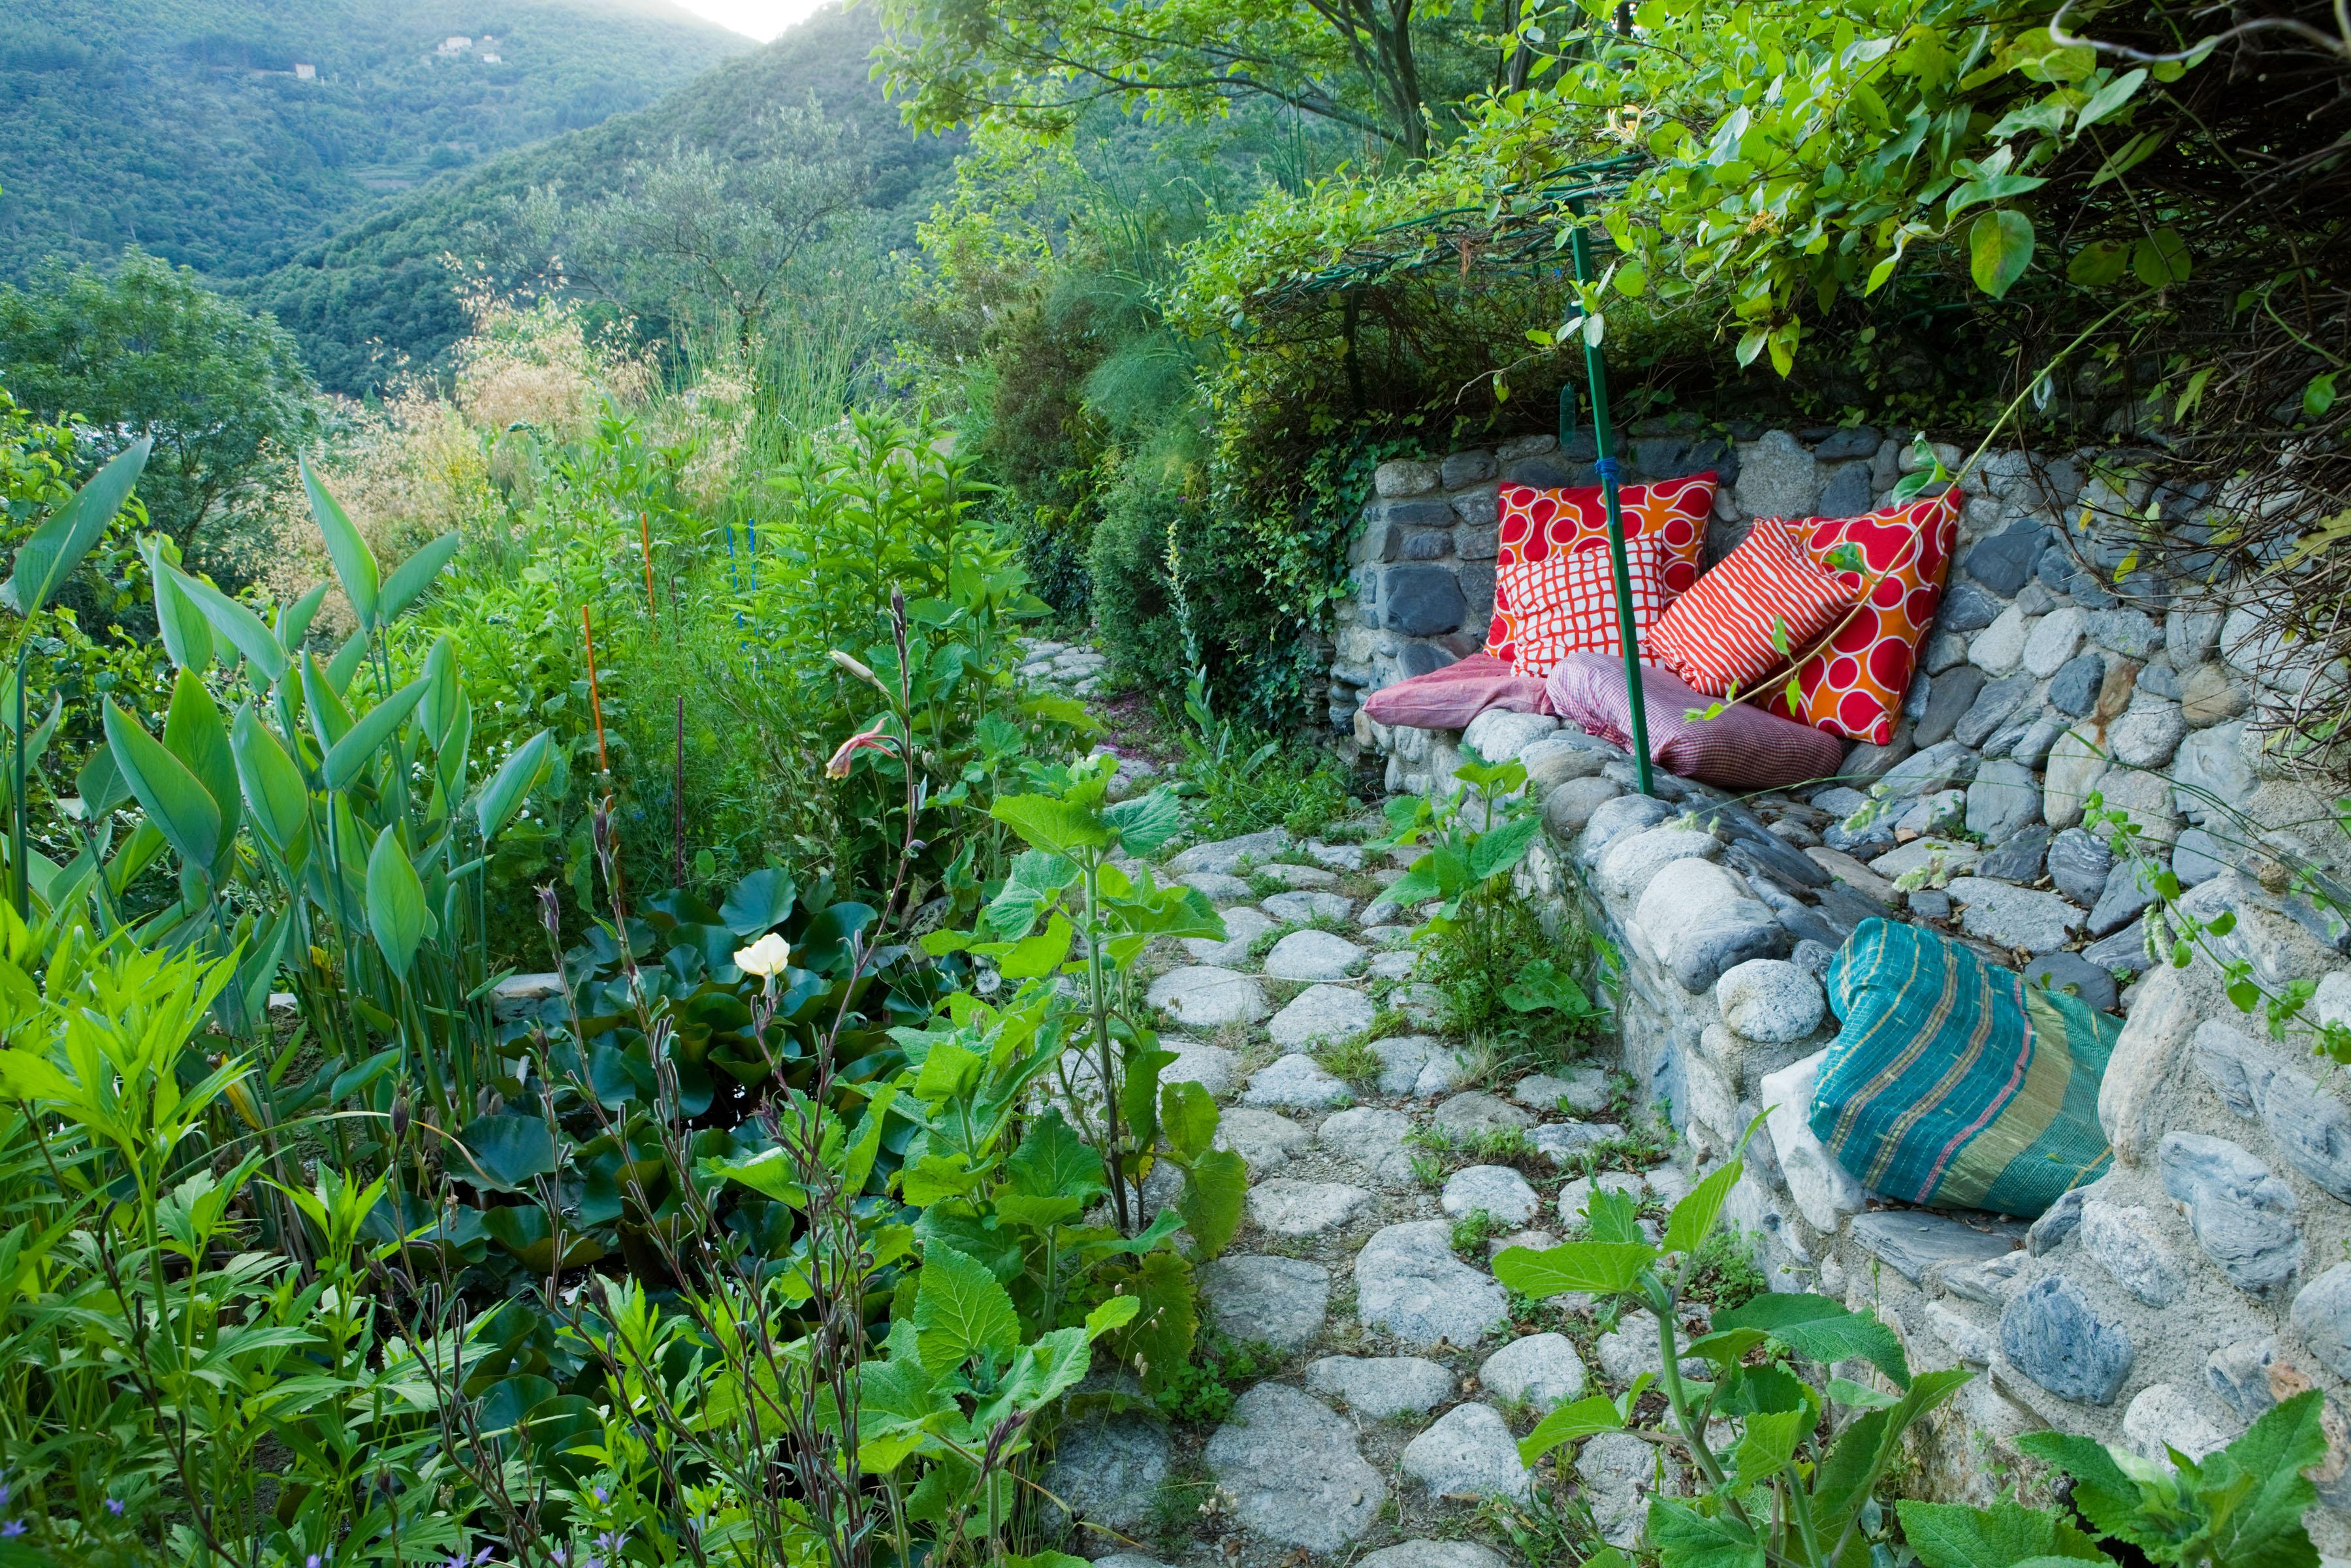 Les co voisins un concept novateur d 39 entraide co for Le jardin katalog 2015